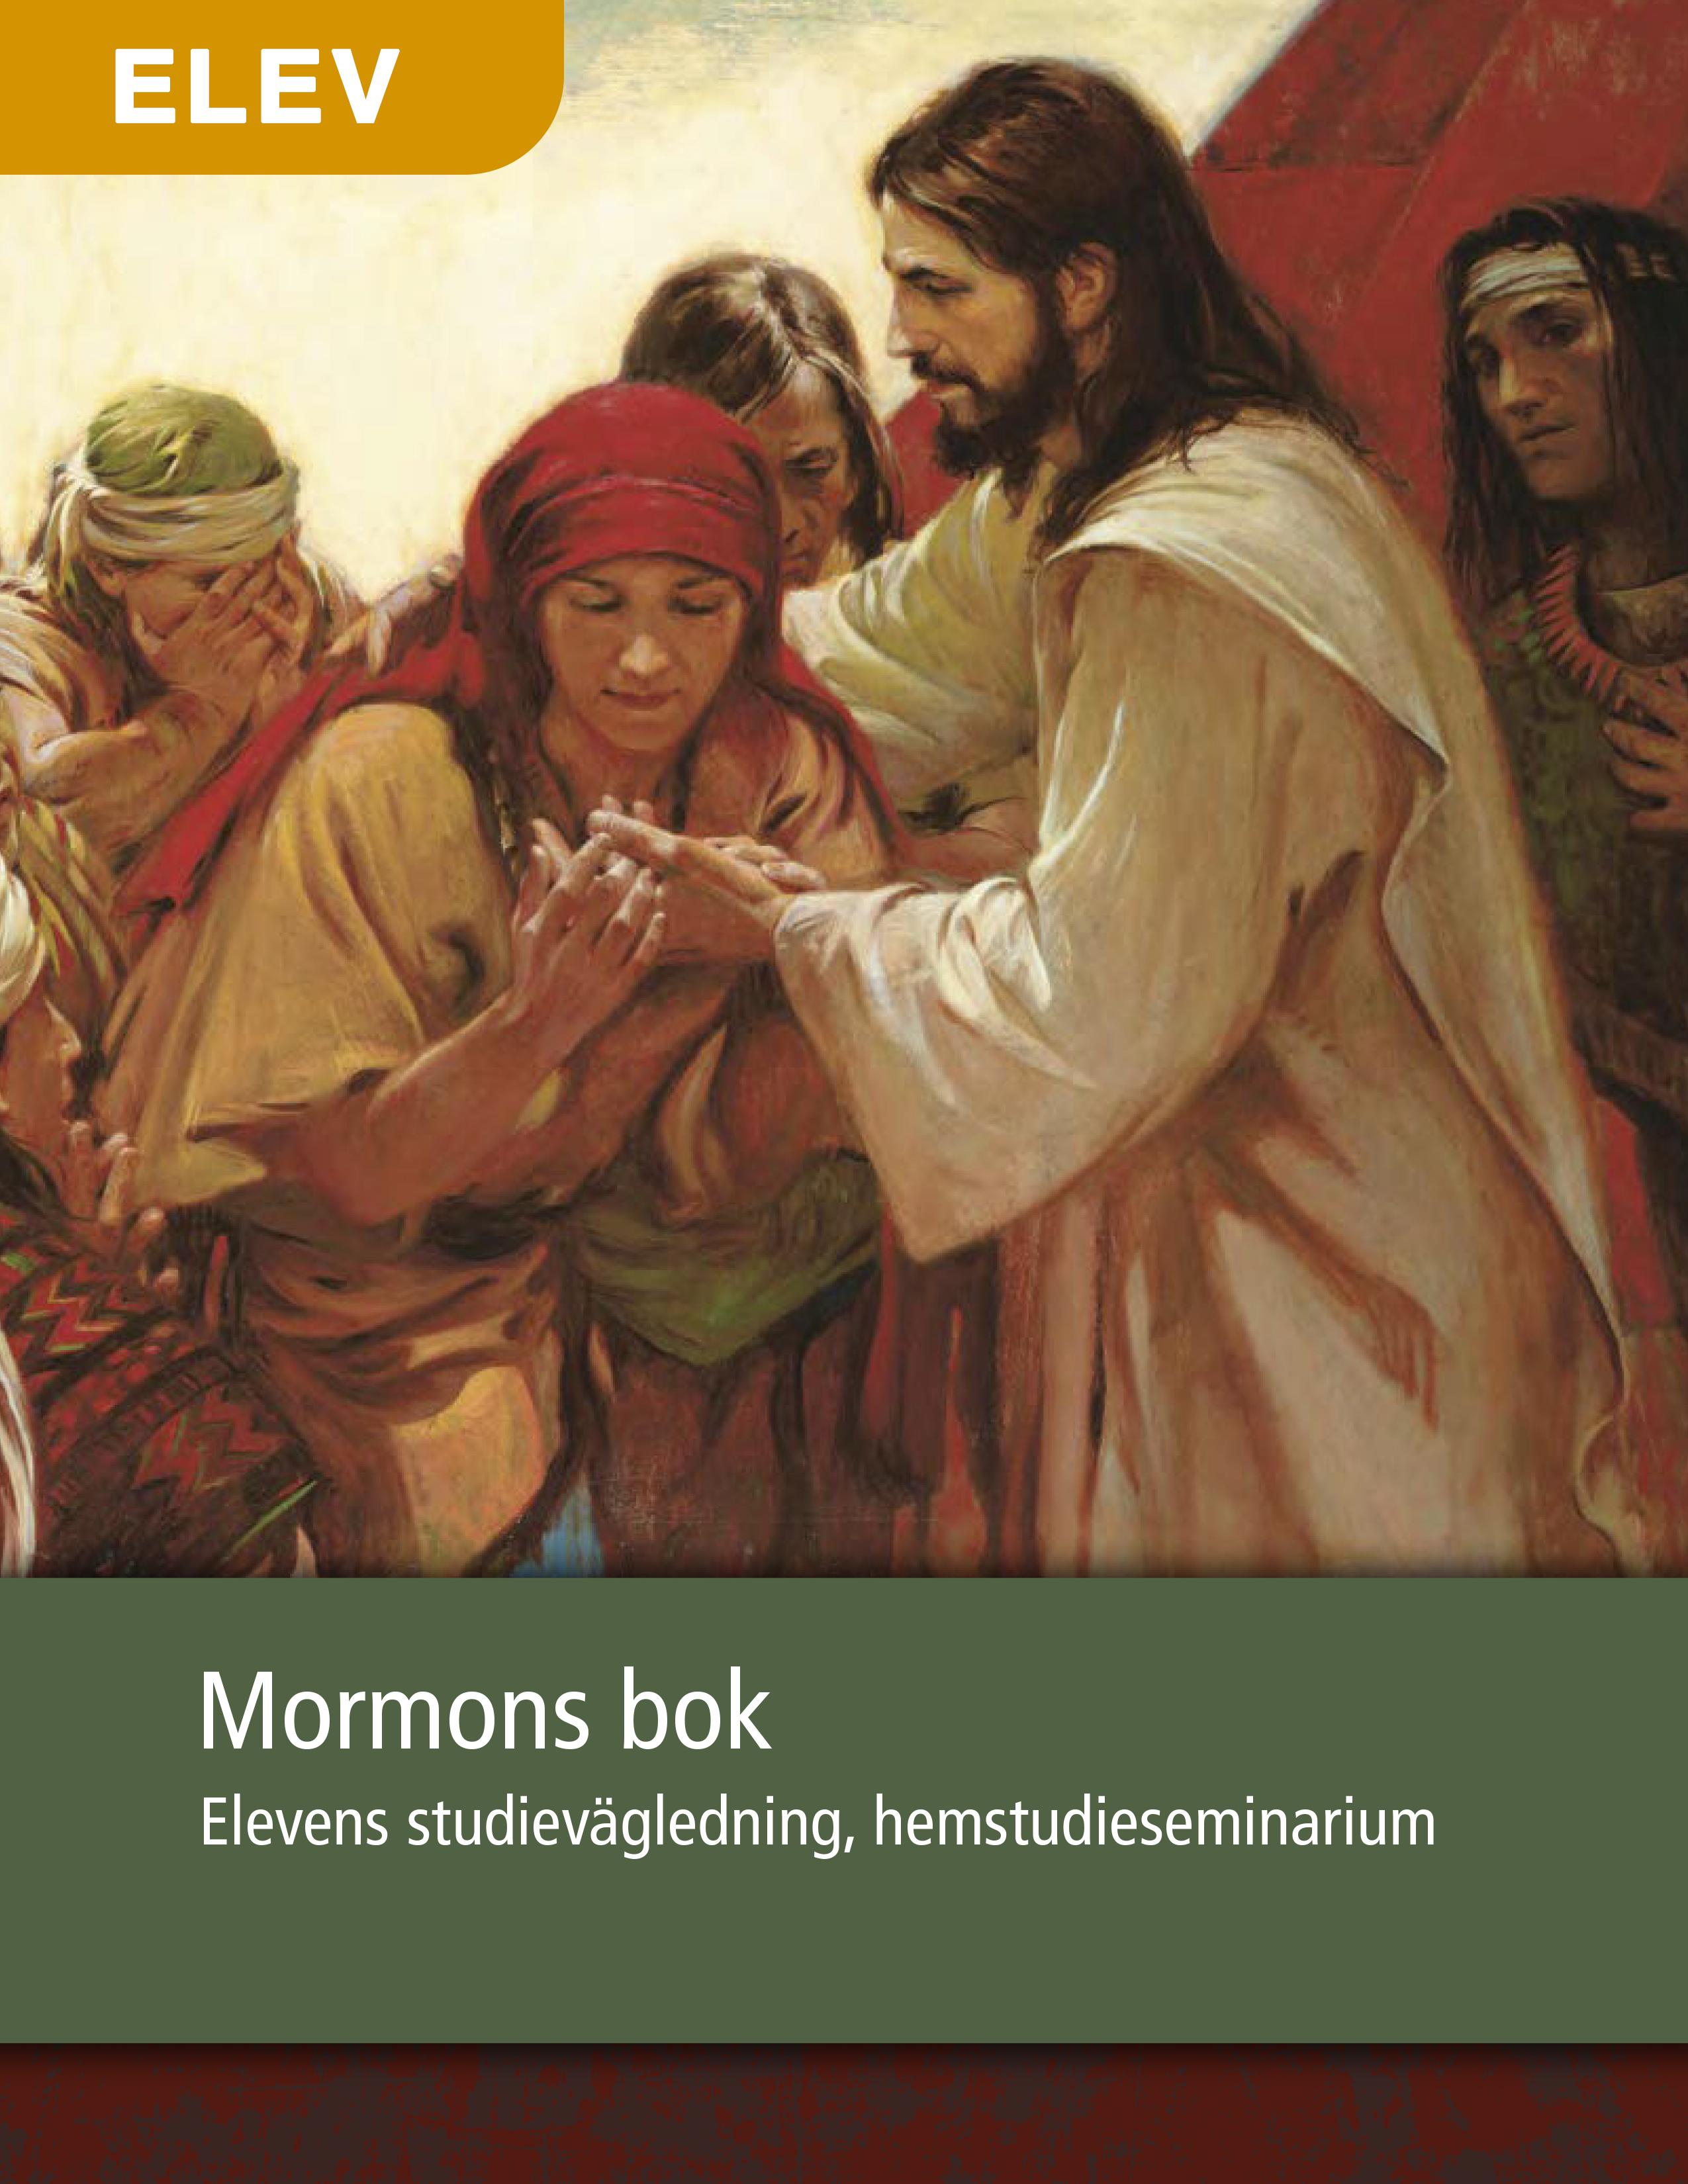 Mormons bok – Elevens studievägledning, hemstudieseminarium